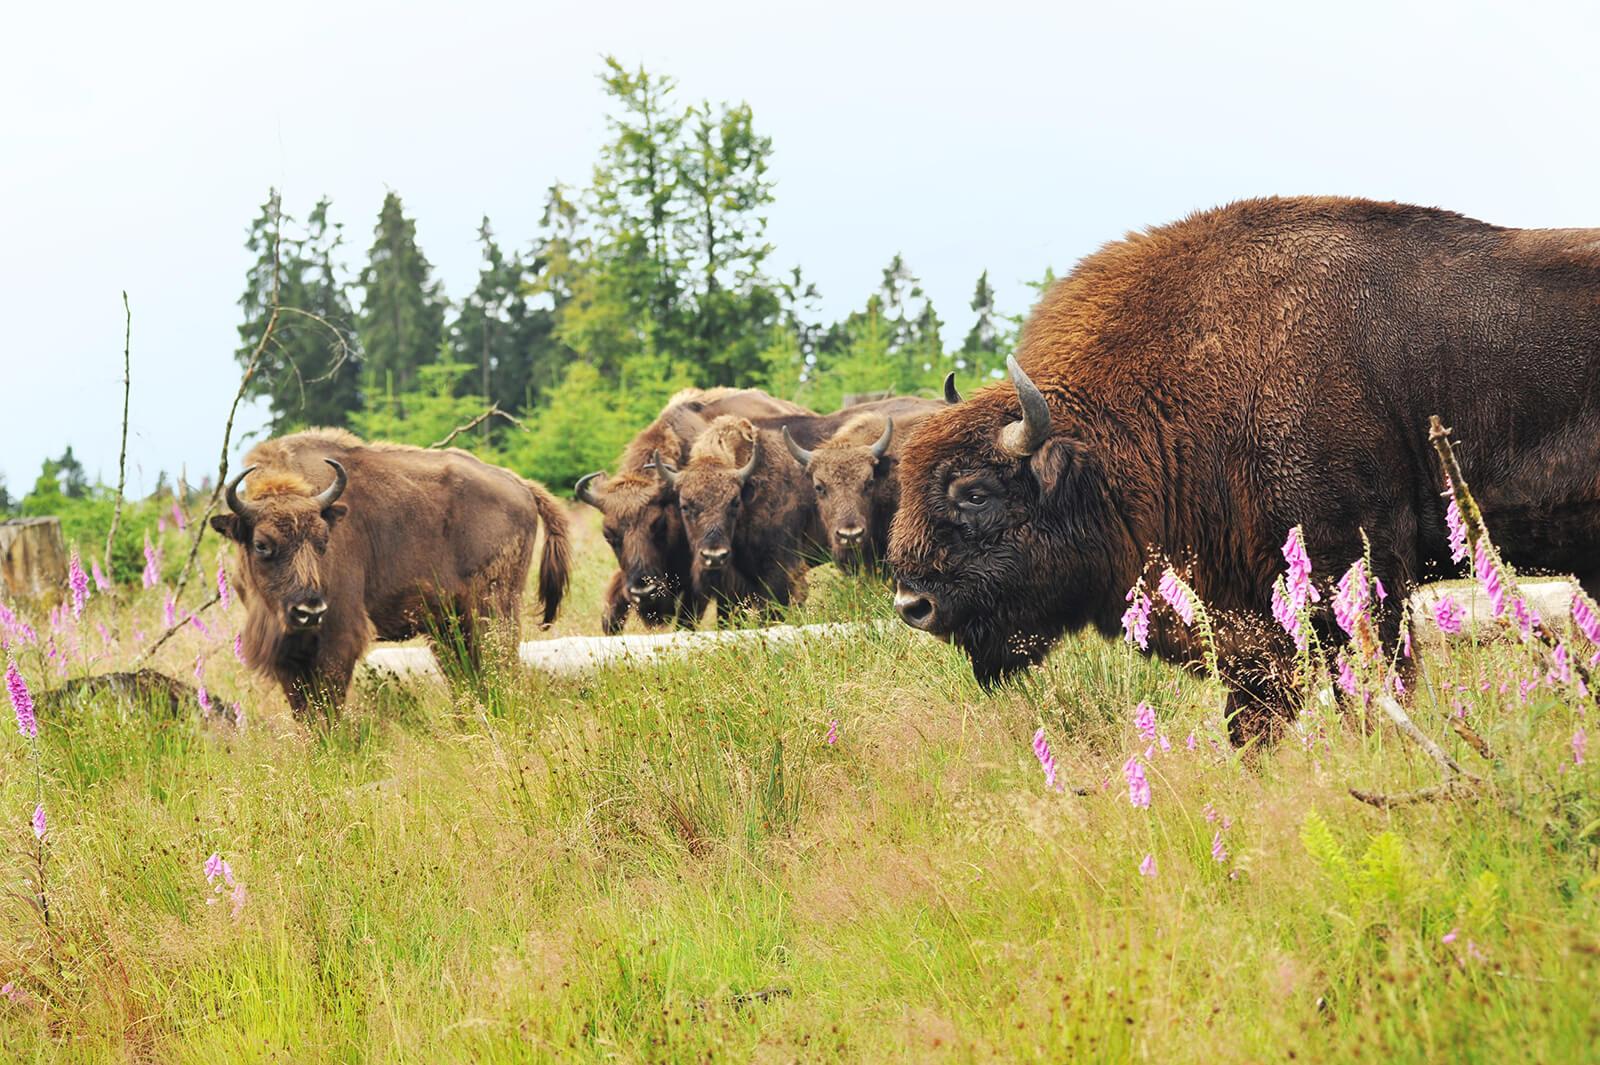 Wisentherde in der Wisent-Wildnis auf saftiger Wiese mit dem Wisentbullen im Vordergrund